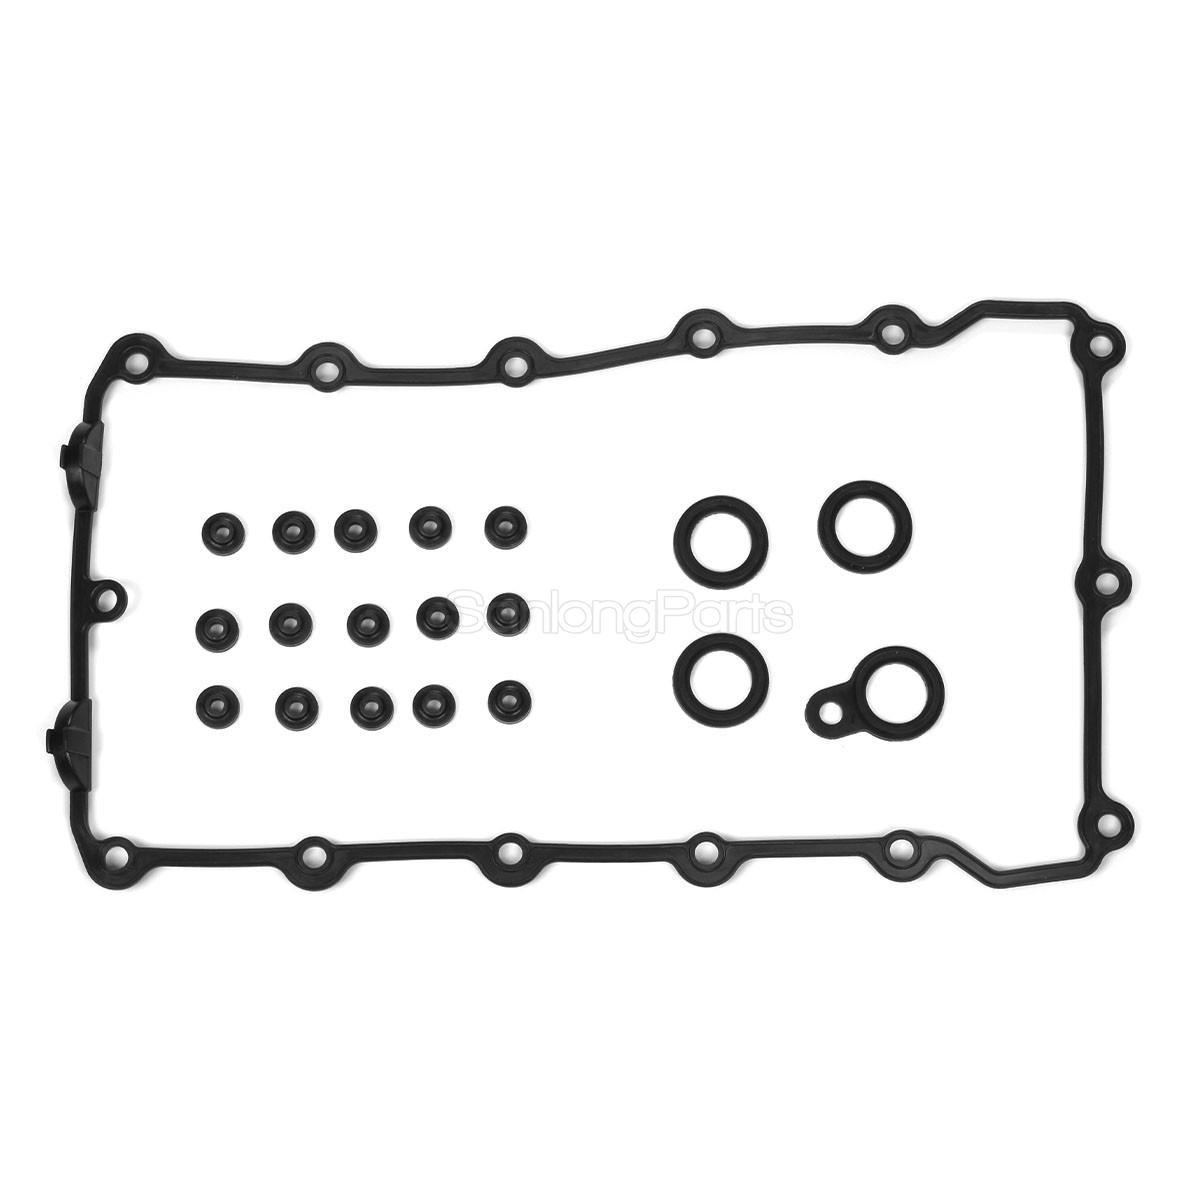 Fits Bmw 318i 1 8 1 9 Z3 E30 E36 M42 Valve Cover Gasket